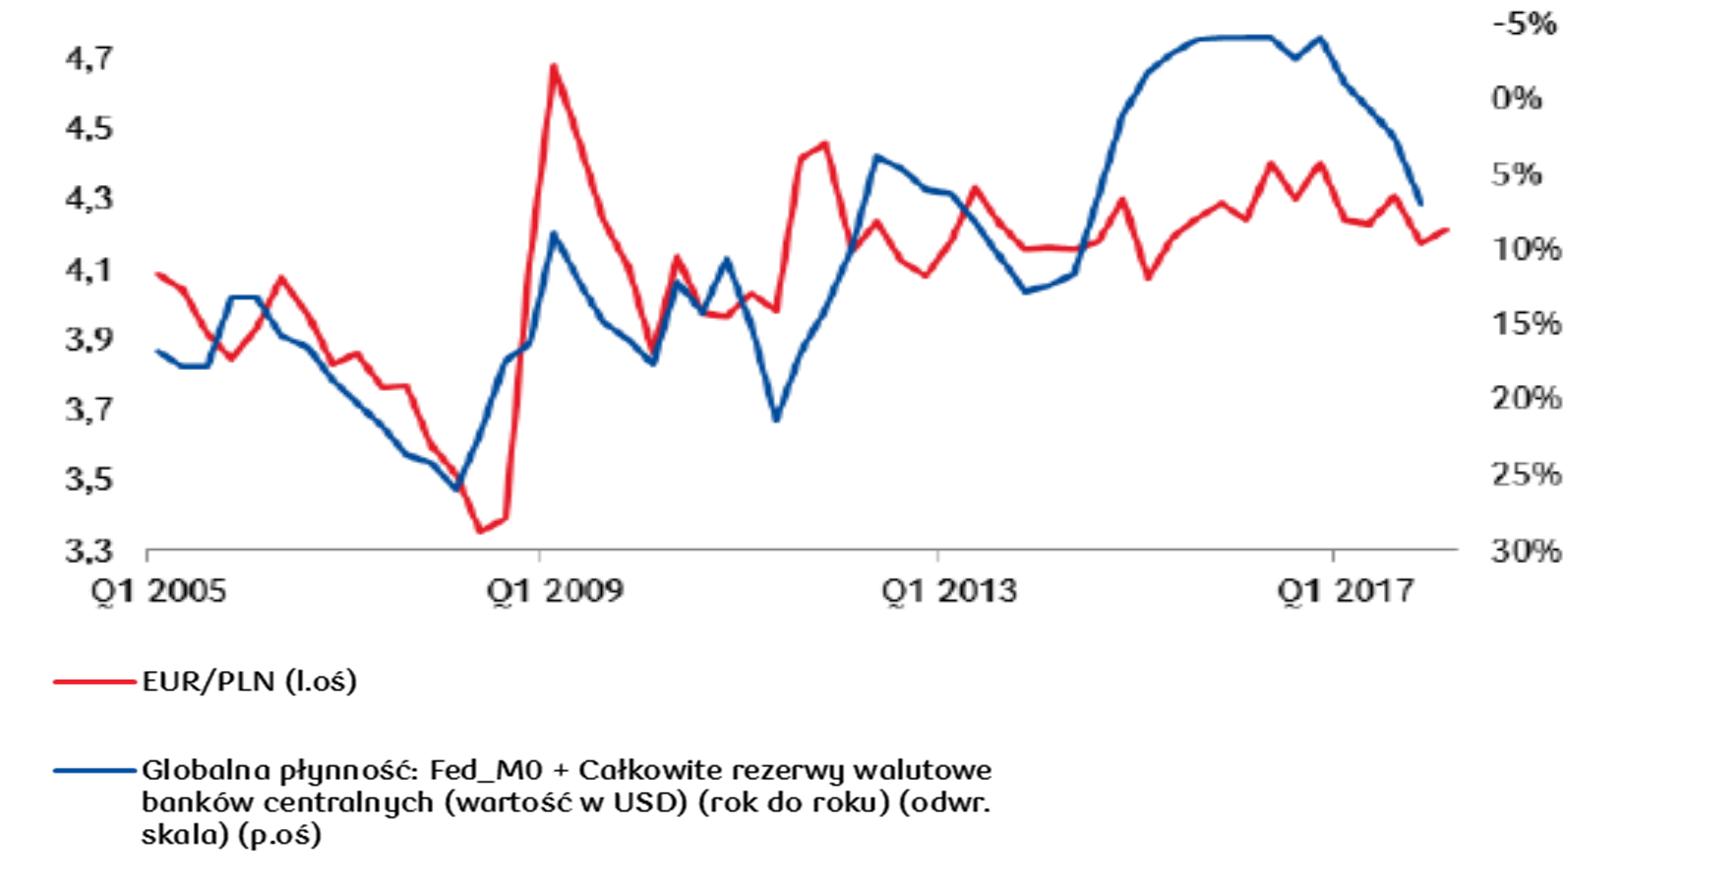 Stopniowe zacieśnianie polityki monetarnej w USA (redukcja bilansu + podwyżki stóp procentowych) będą zmniejszać globalną płynność i zwiększać presję na deprecjację złotego, mimo dobrych danych lokalnych